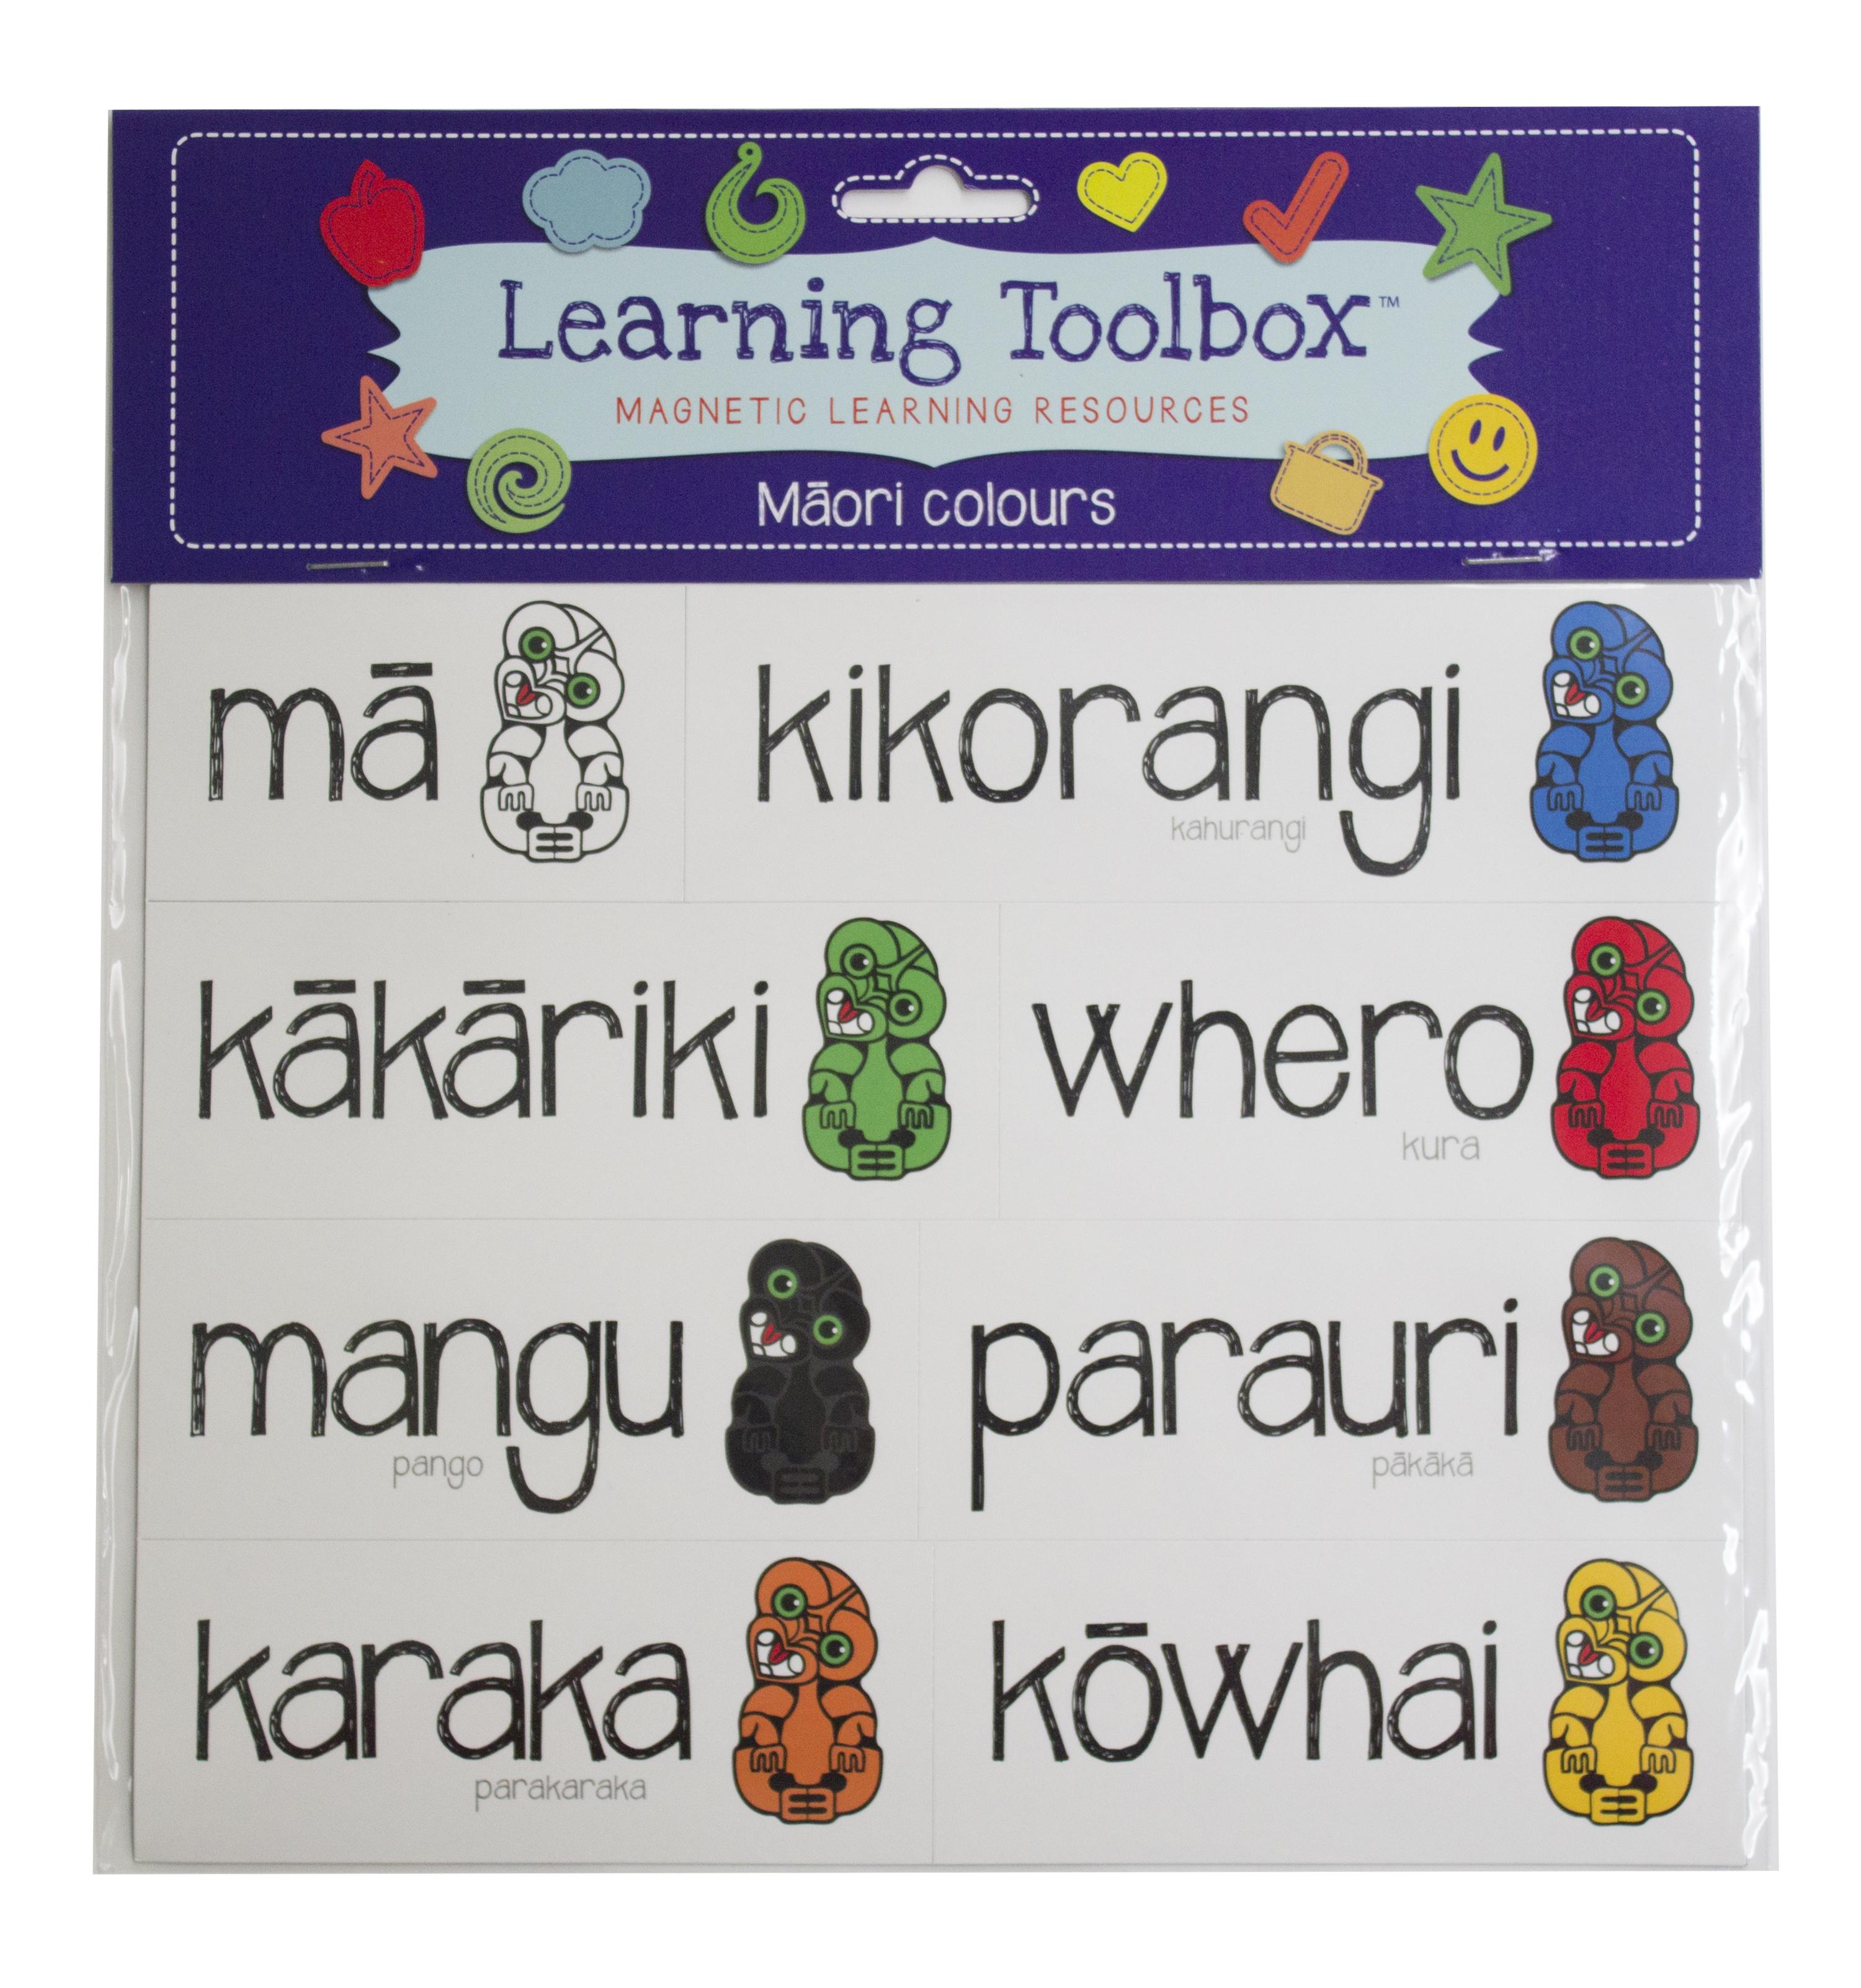 Māori Colour Magnets